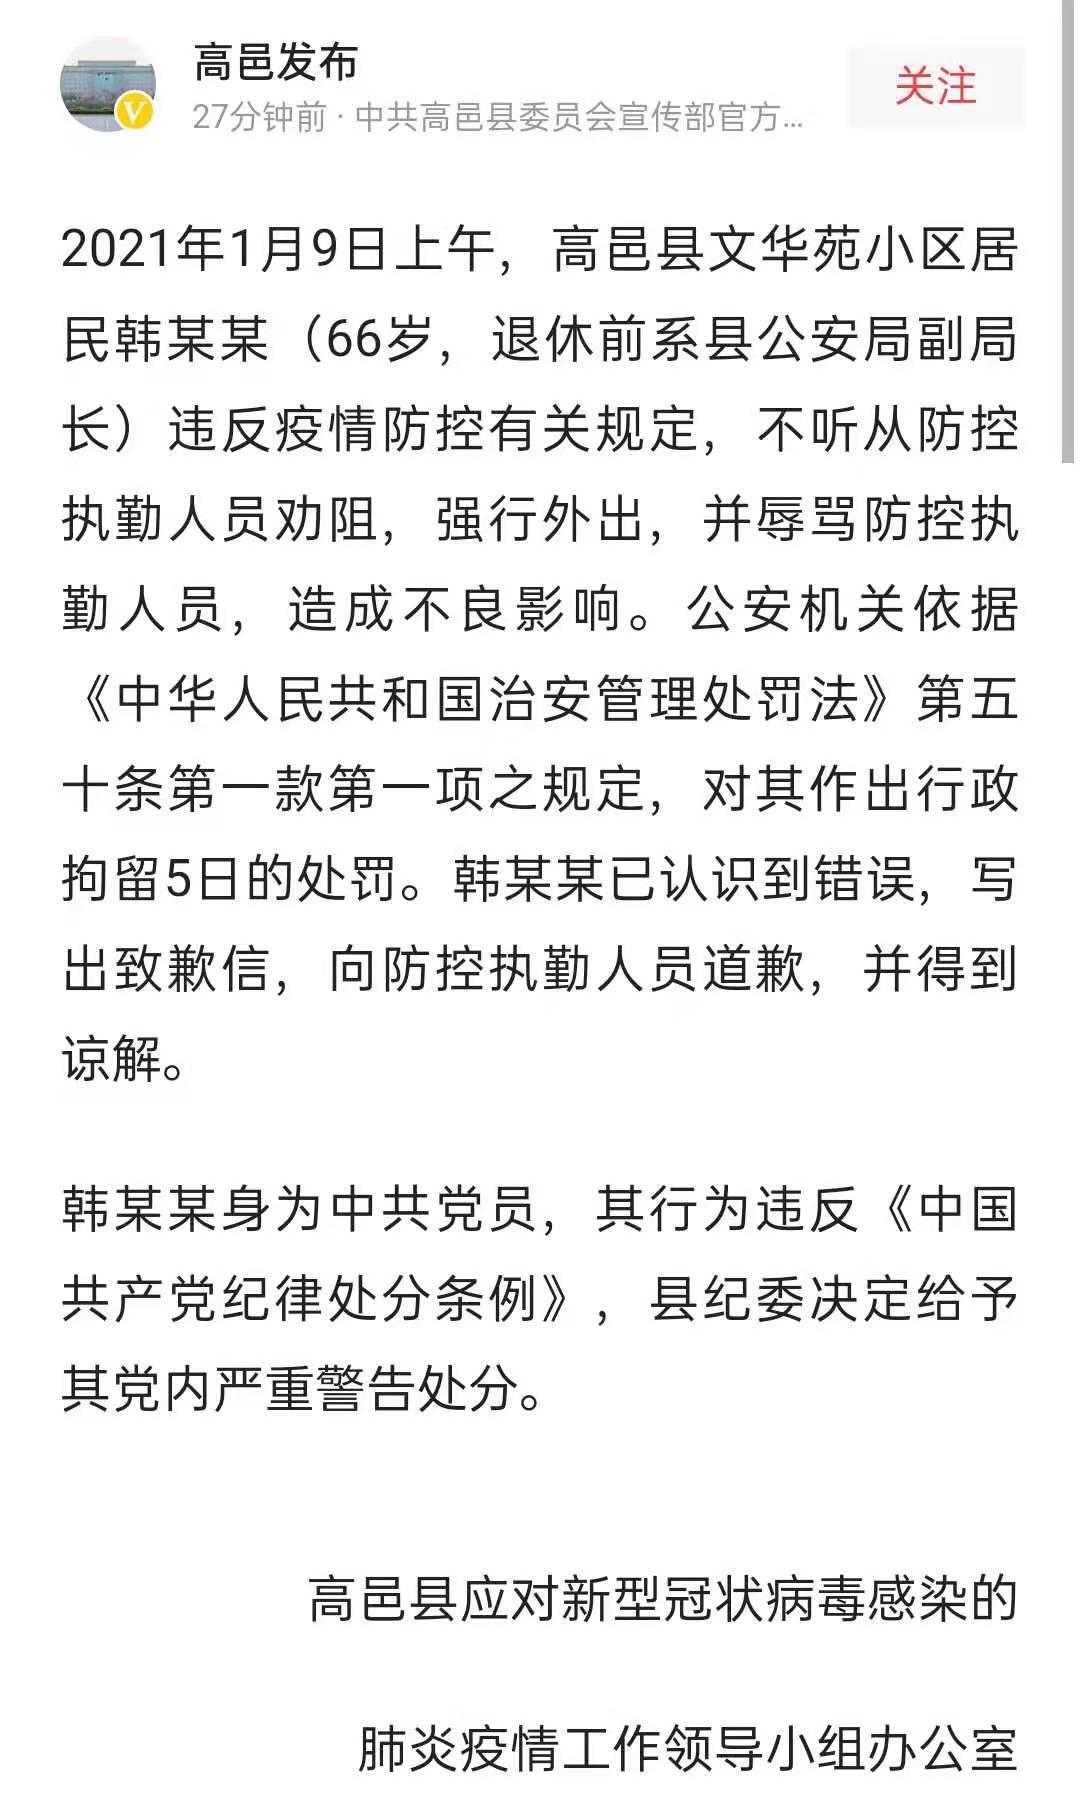 石家庄一公安局退休副局长不戴口罩强行外出,还辱骂防控执勤人员,行拘5日!